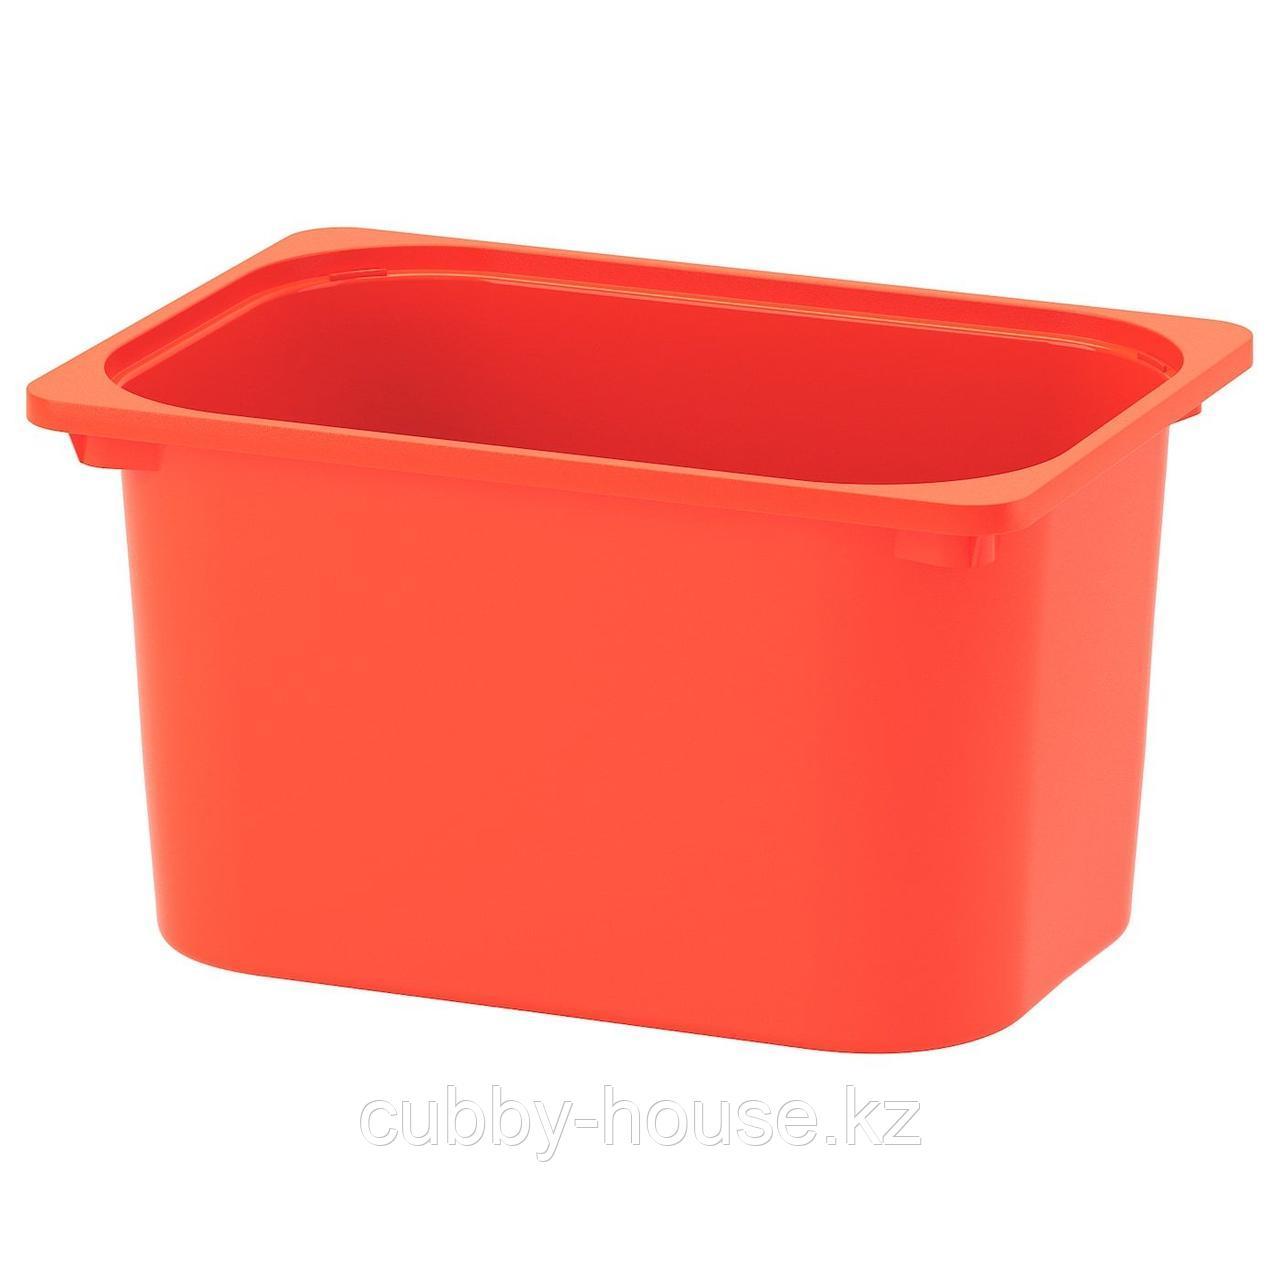 ТРУФАСТ Контейнер, оранжевый, 42x30x23 см